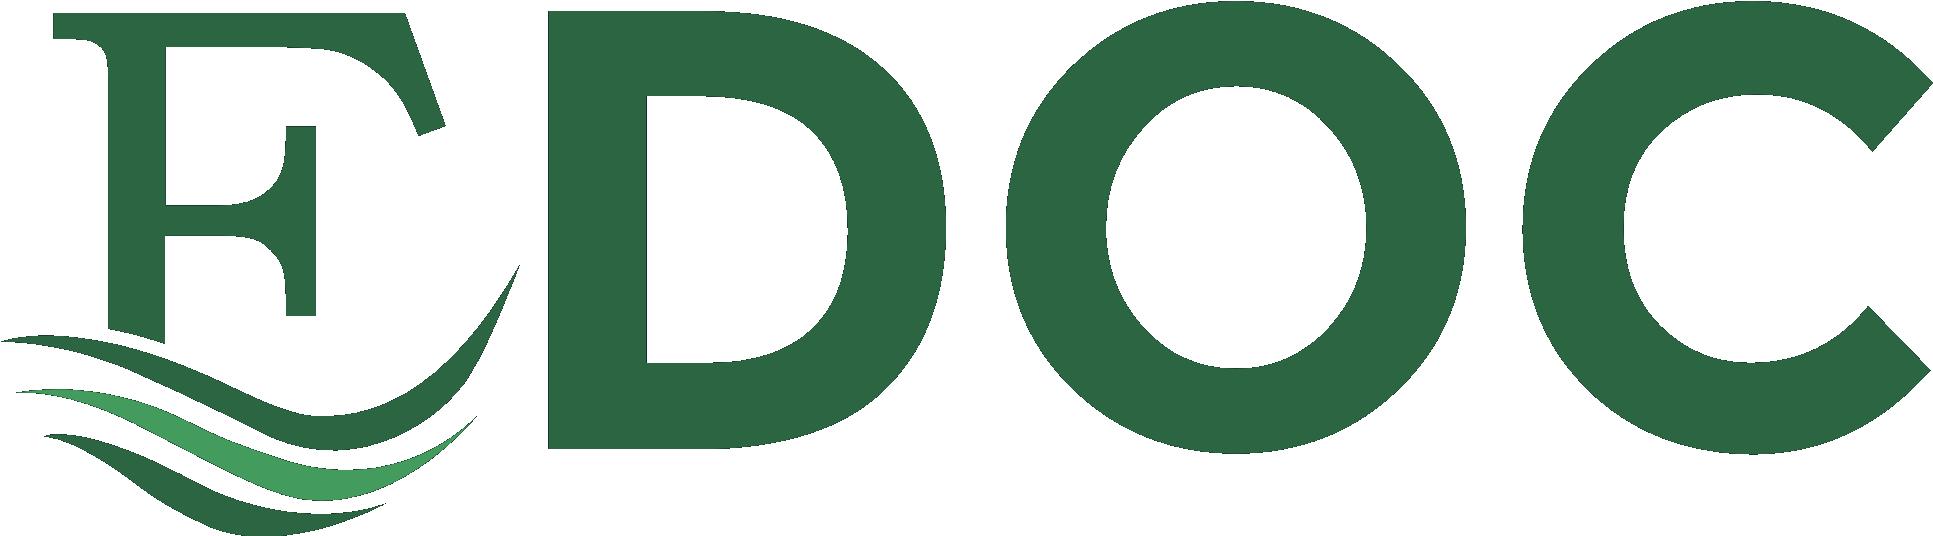 aranjarea literelor pe un test ocular)